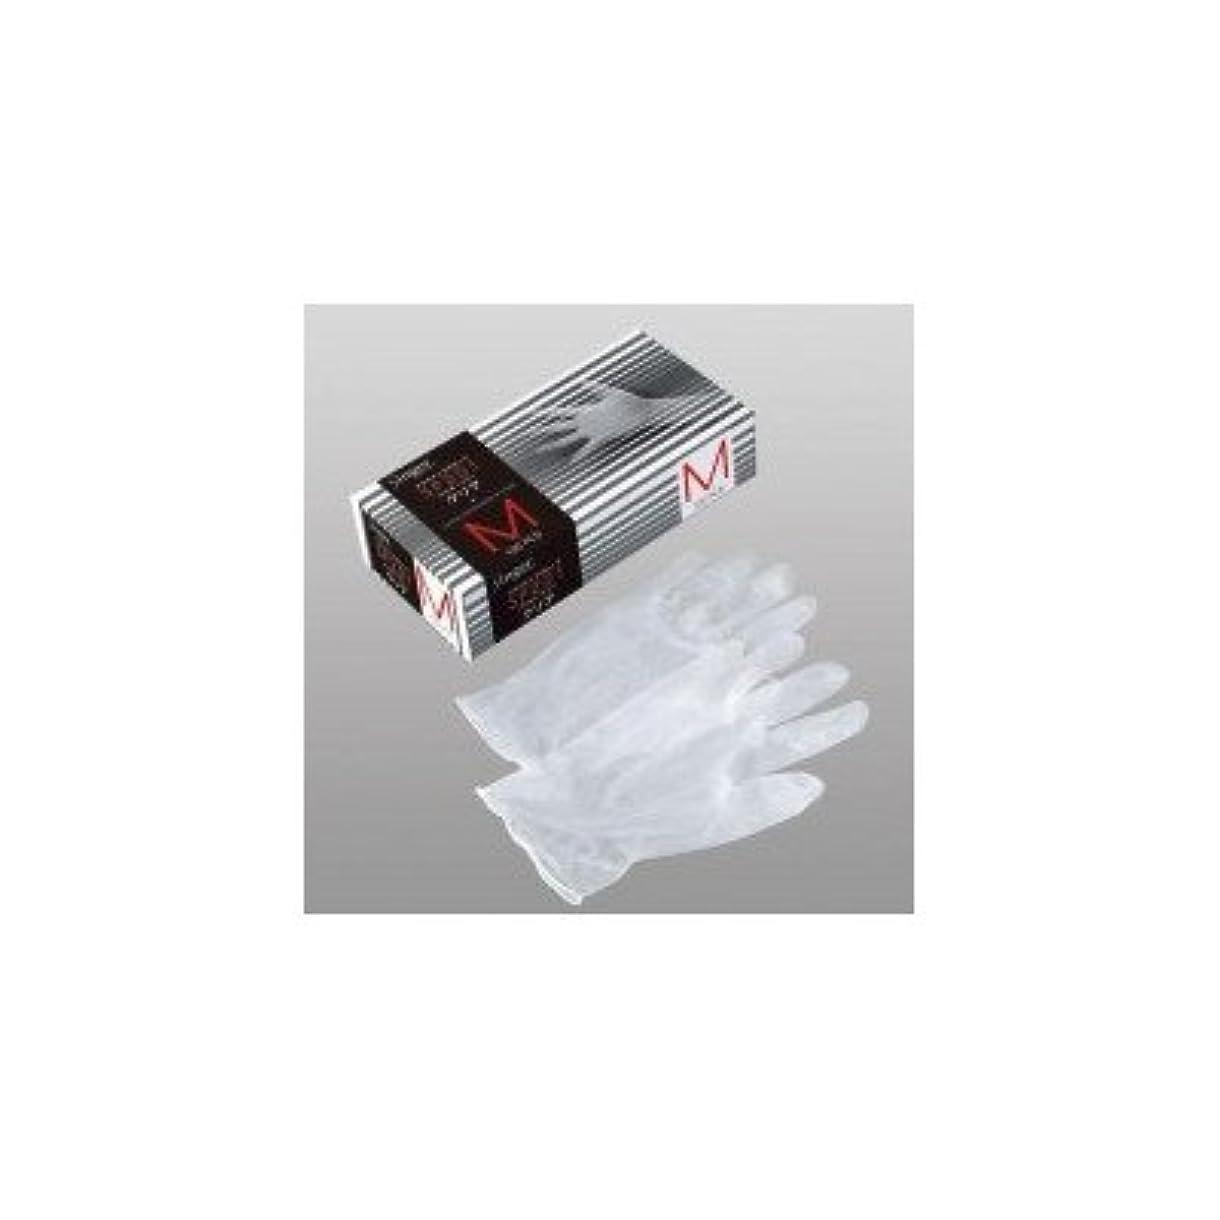 ガイドライン縫い目技術者シンガープラスチックグローブ(手袋) SP201 パウダーフリー クリアー(100枚) S( 画像はイメージ画像です お届けの商品はSのみとなります)